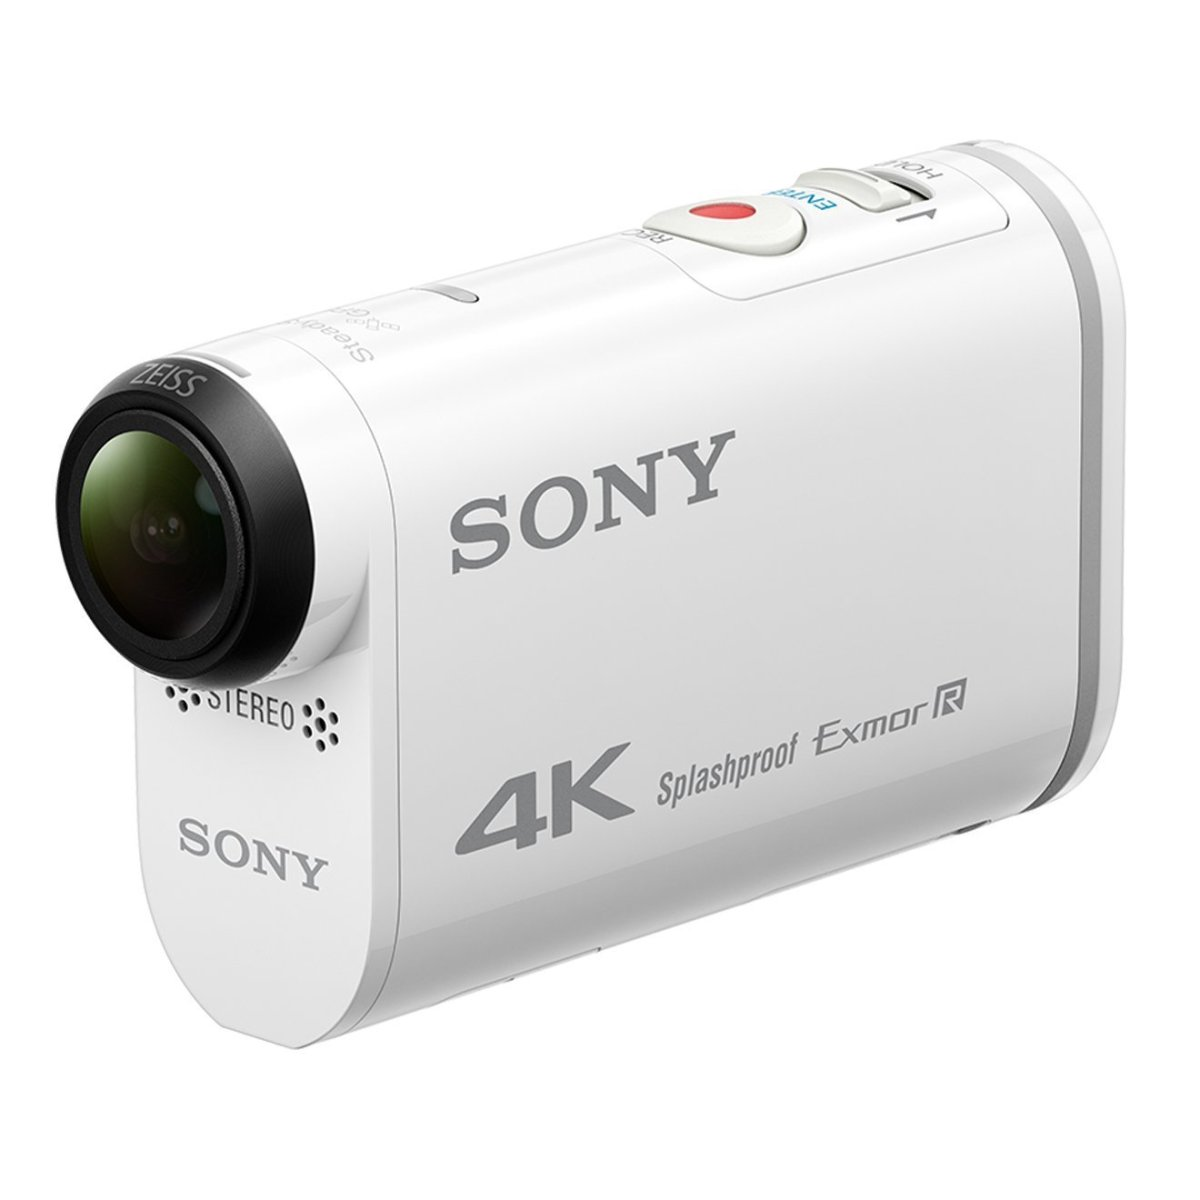 Comprar Sony Action Cam FDR-X1000V - Precios y opiniones